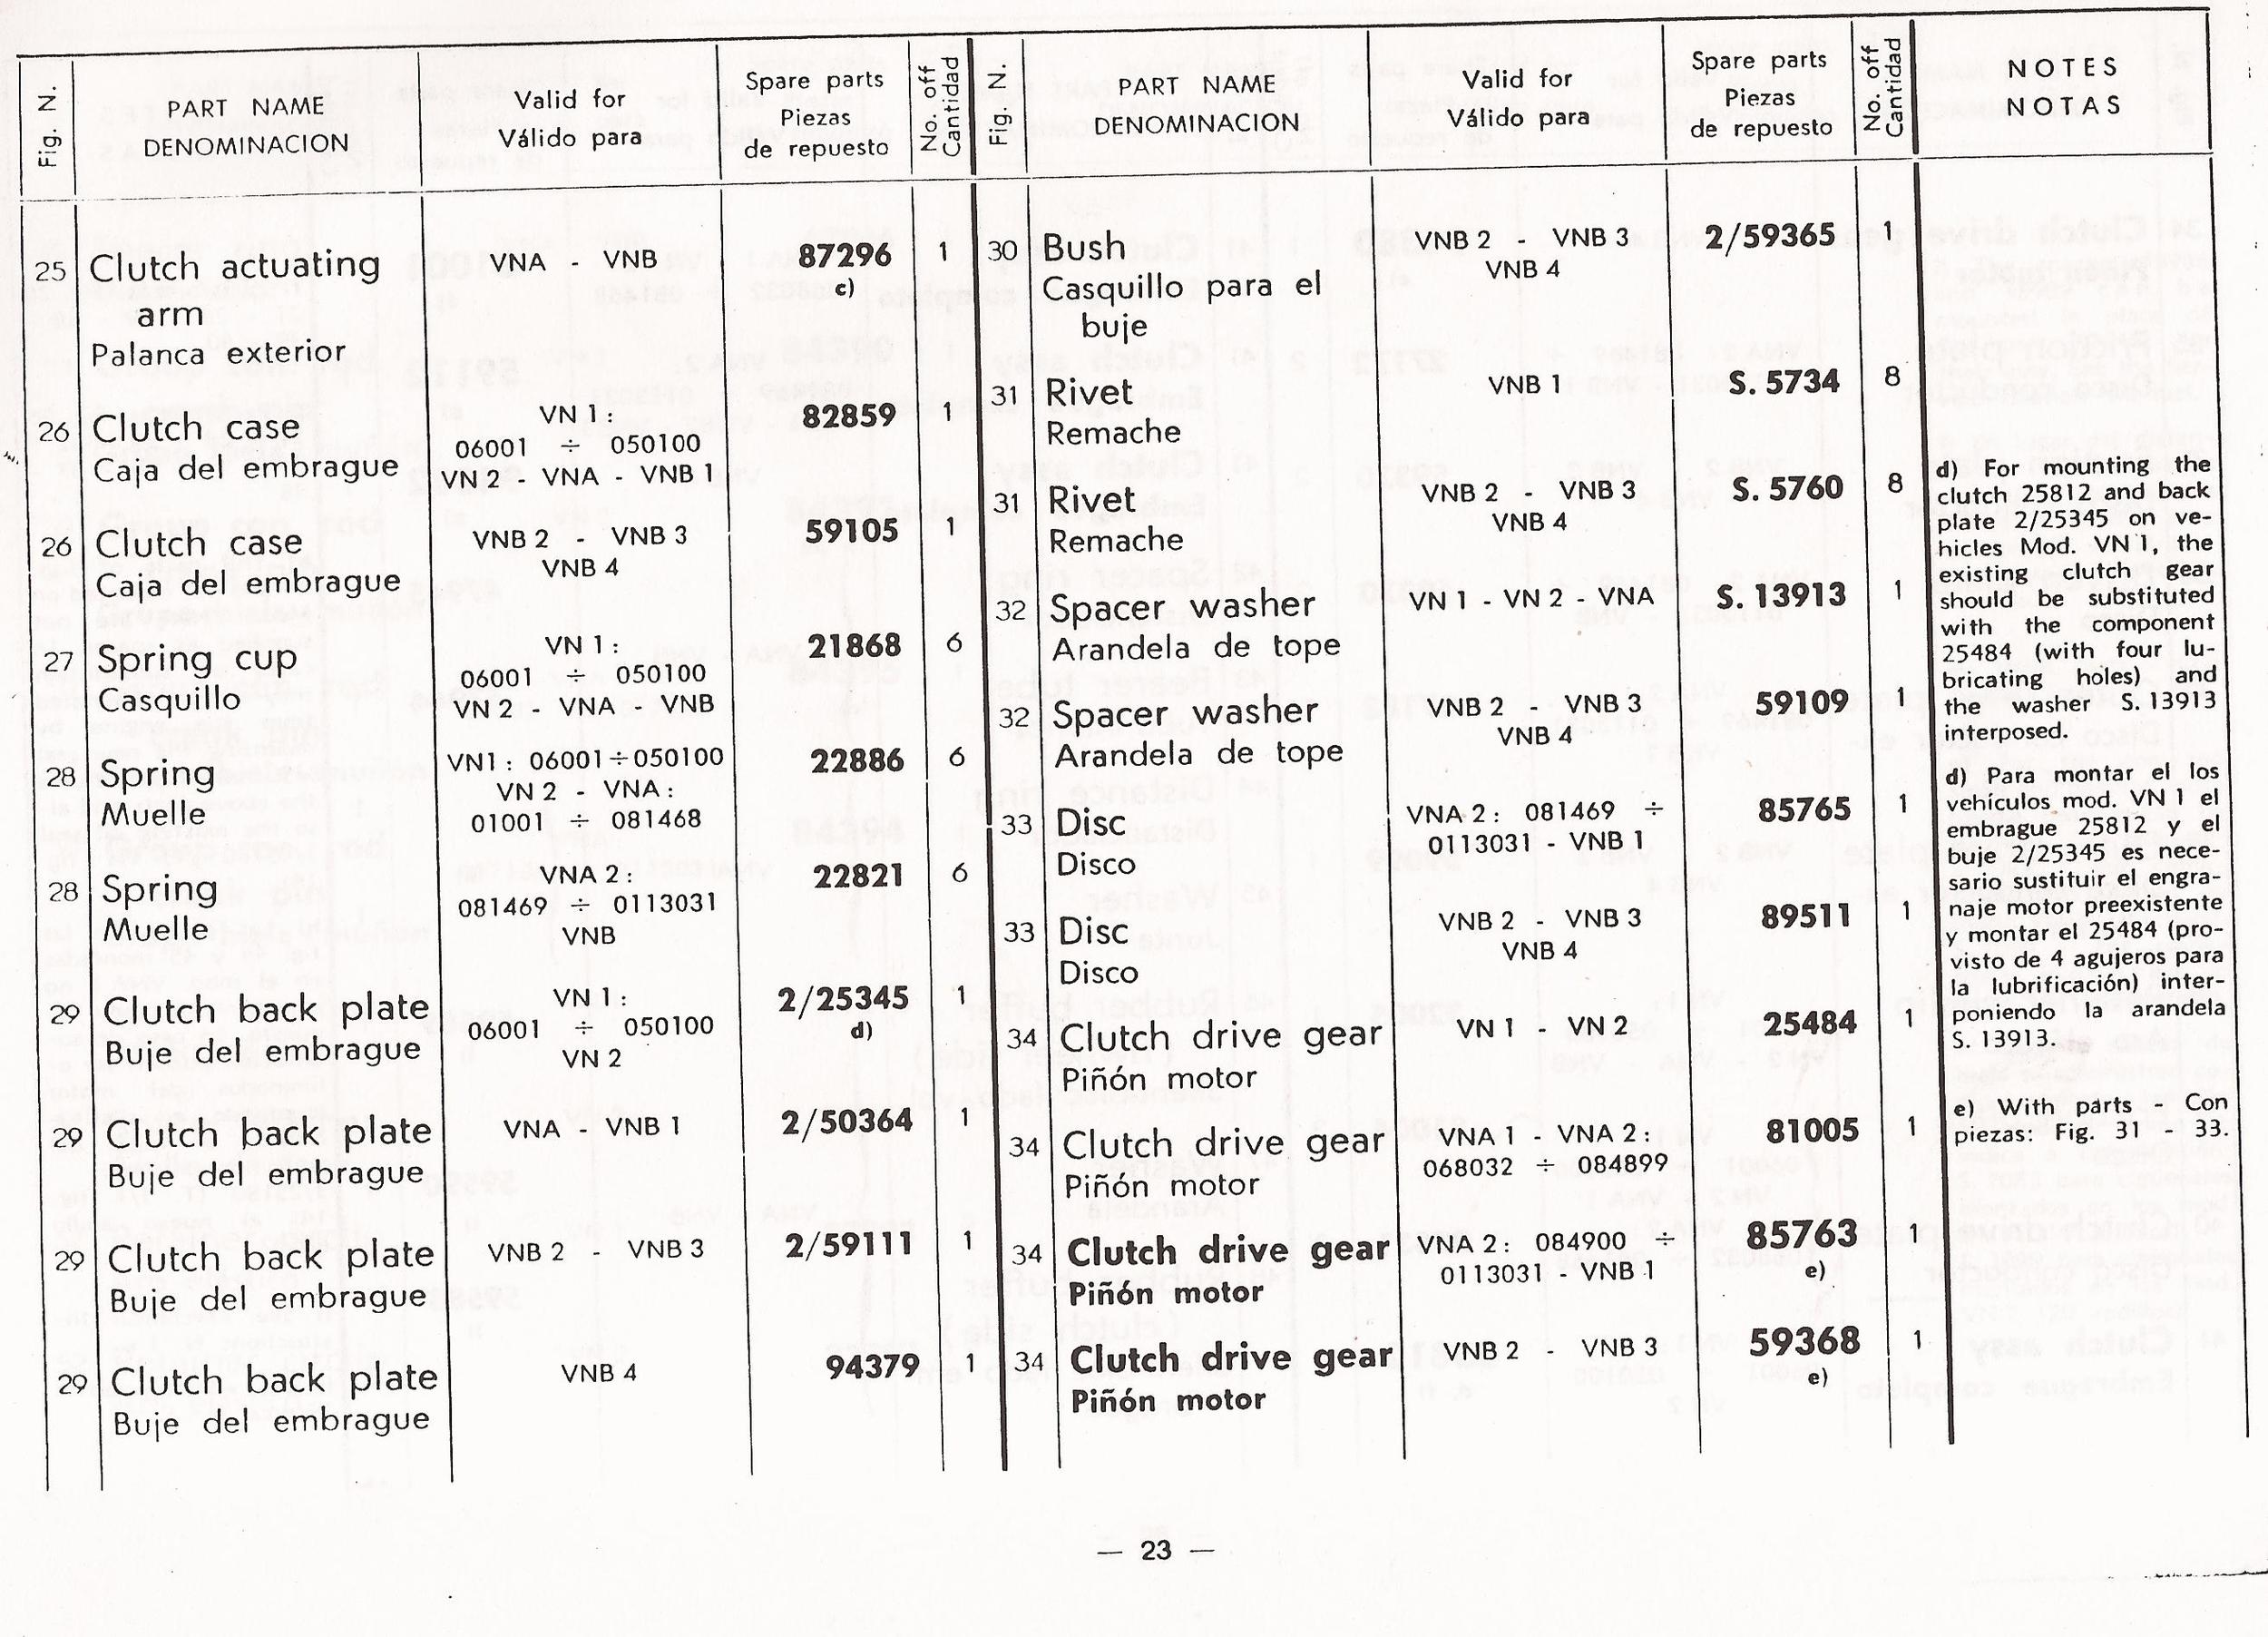 07-16-2013 vespa 125 catalog manuel 26.jpg